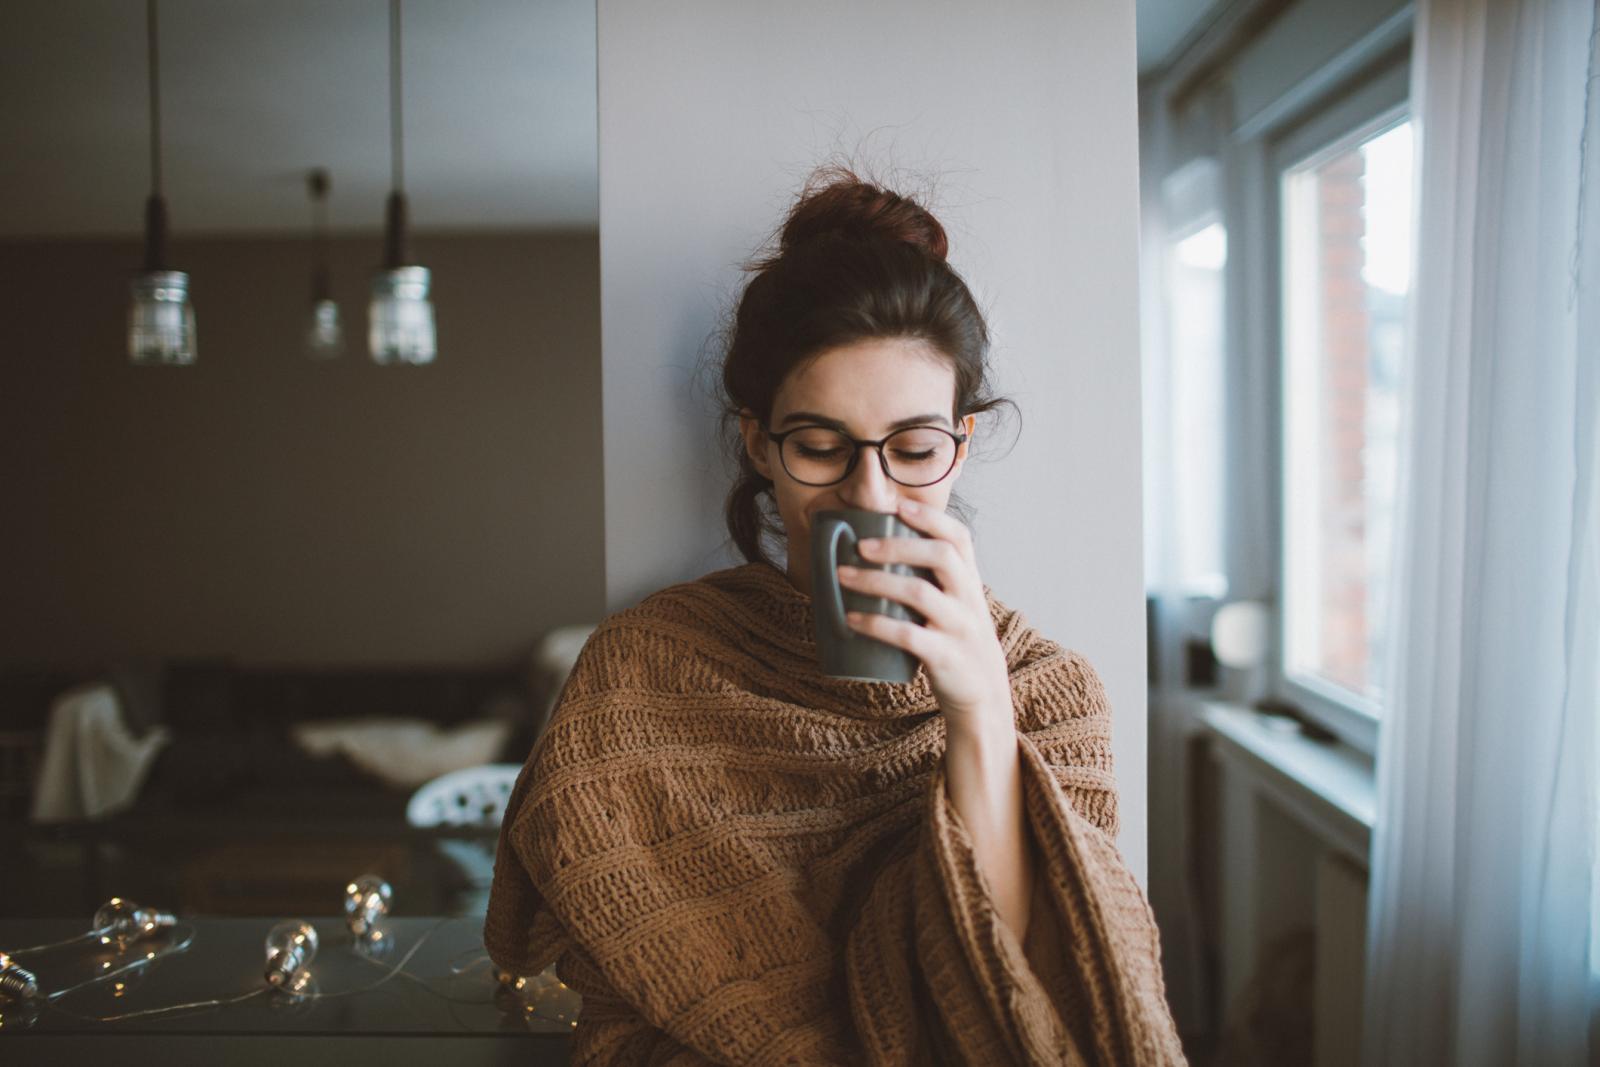 Fluora ima i u mnogim namirnicama, primjerice čaju ili grožđicama.